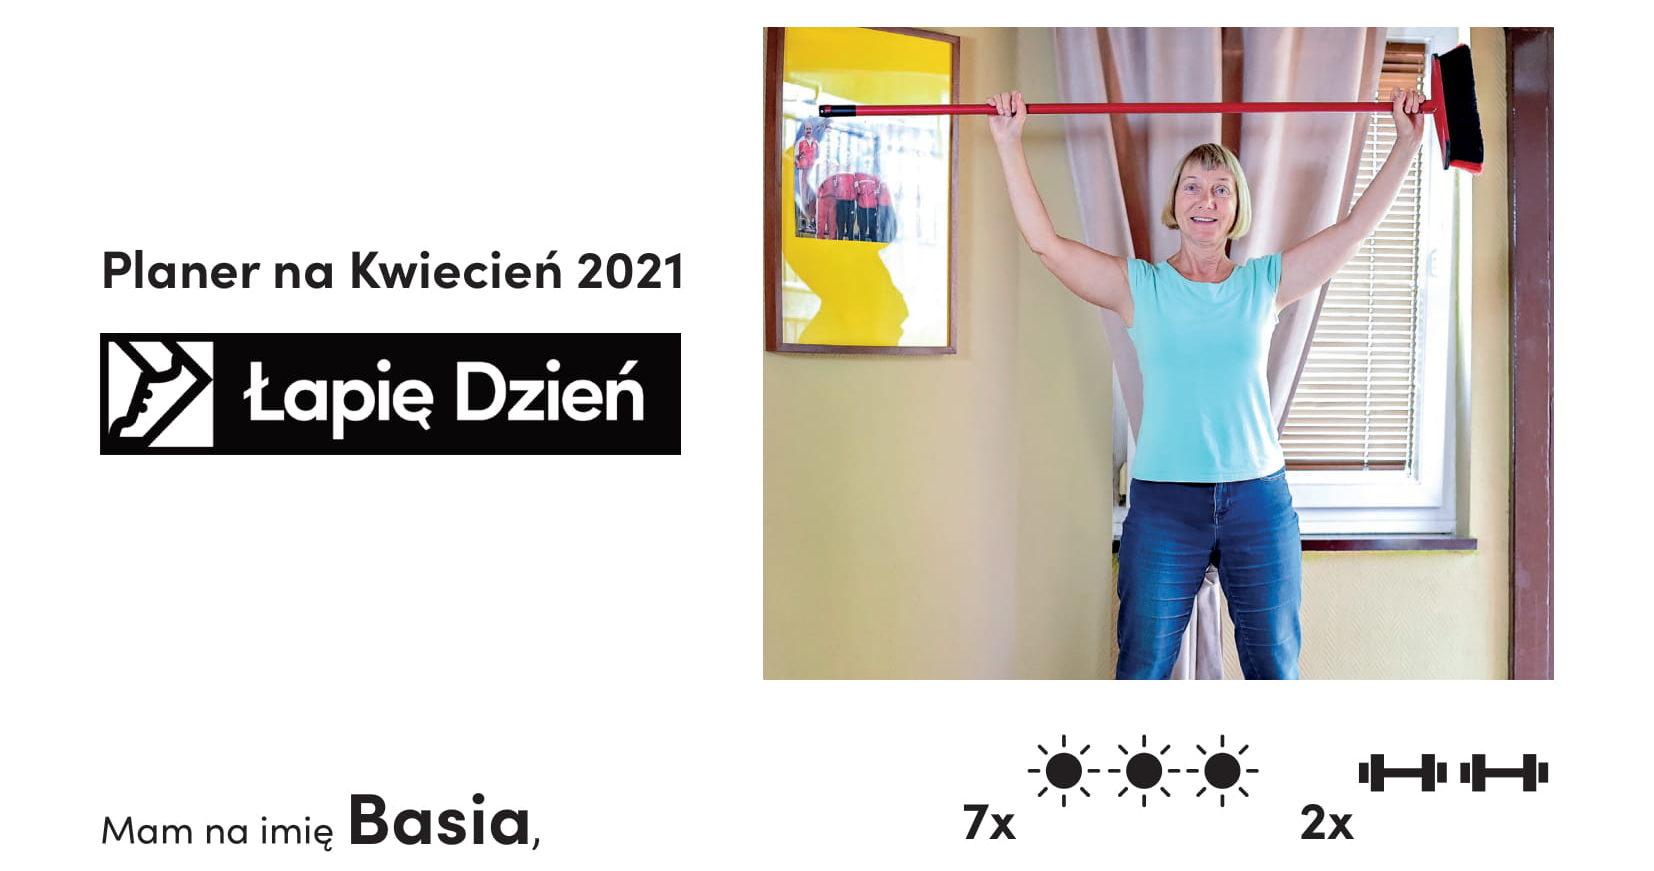 Instrukcja obsługi akcji Łapię dzień. U góry zdjęcie ćwiczącej seniorkli w niebieskiej bluzce. Poniżej instrukcja.